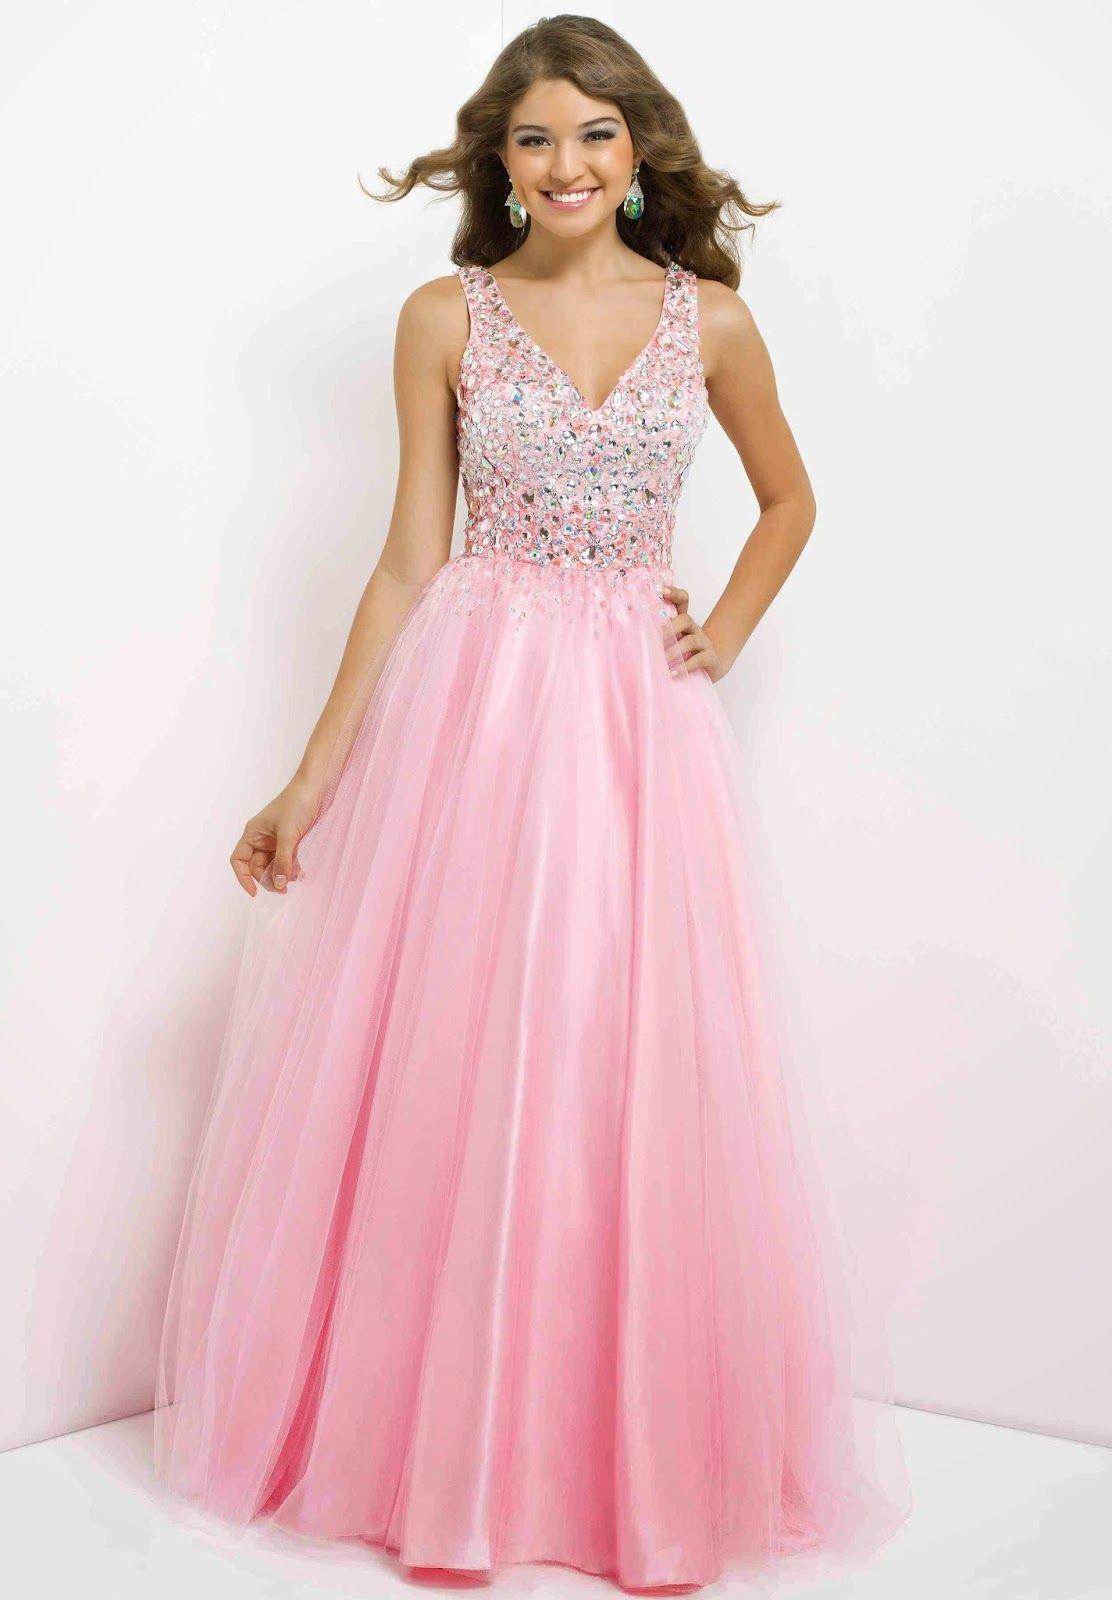 Estupendos vestidos de fiesta | Moda y Tendencias | Vestidos de Gala ...